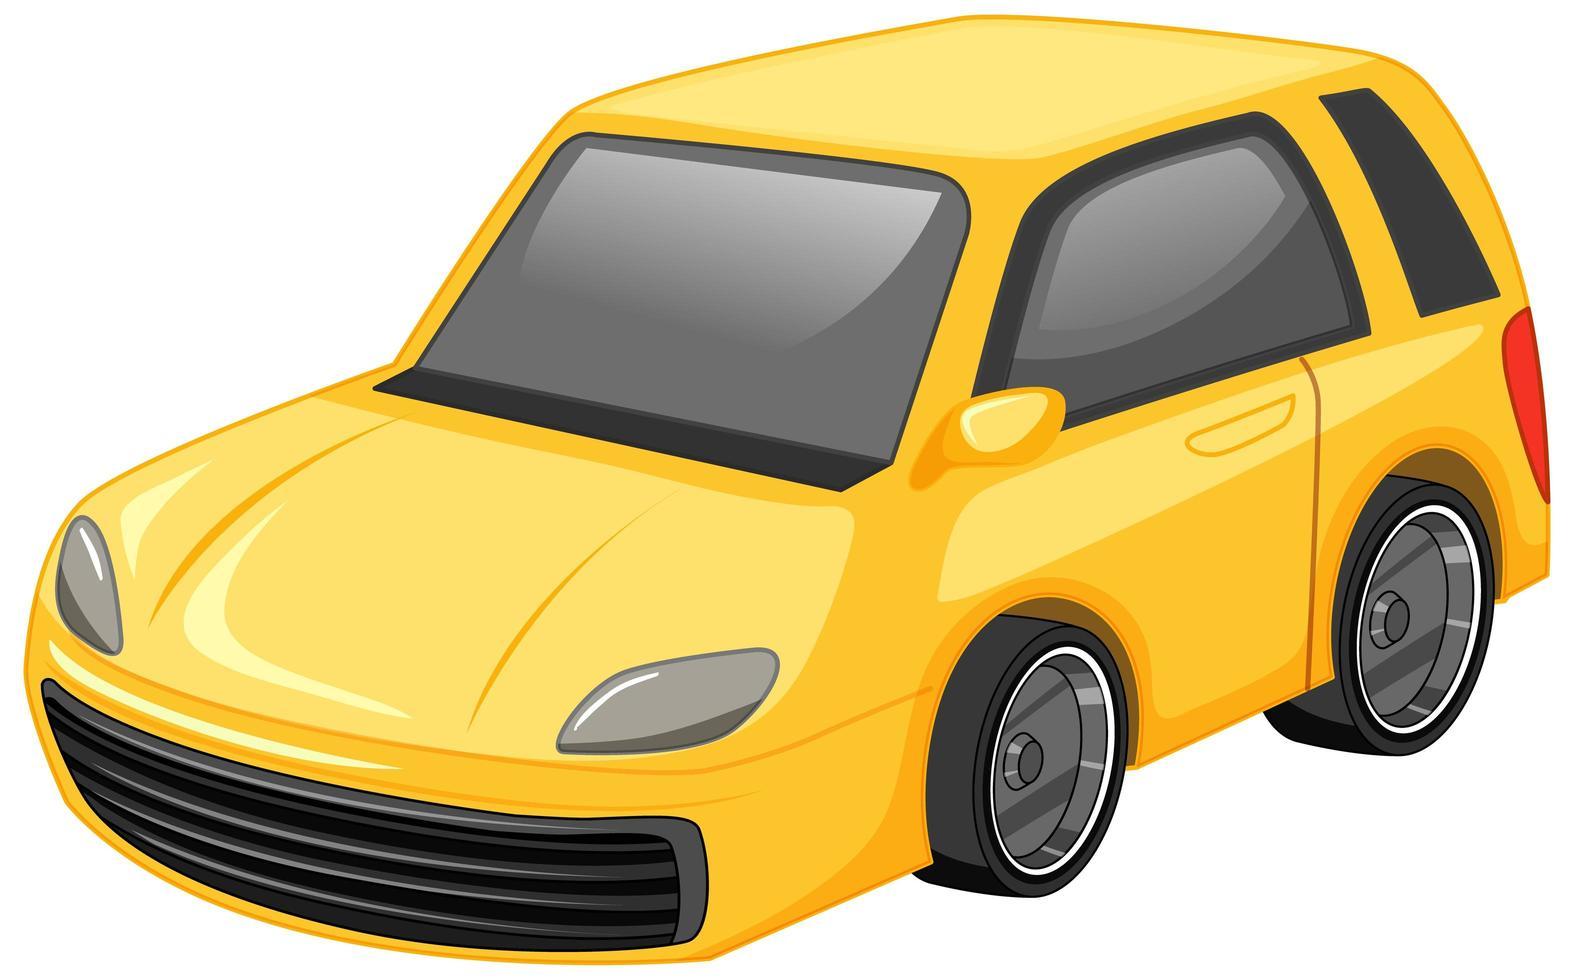 style de dessin animé de voiture jaune isolé sur fond blanc vecteur